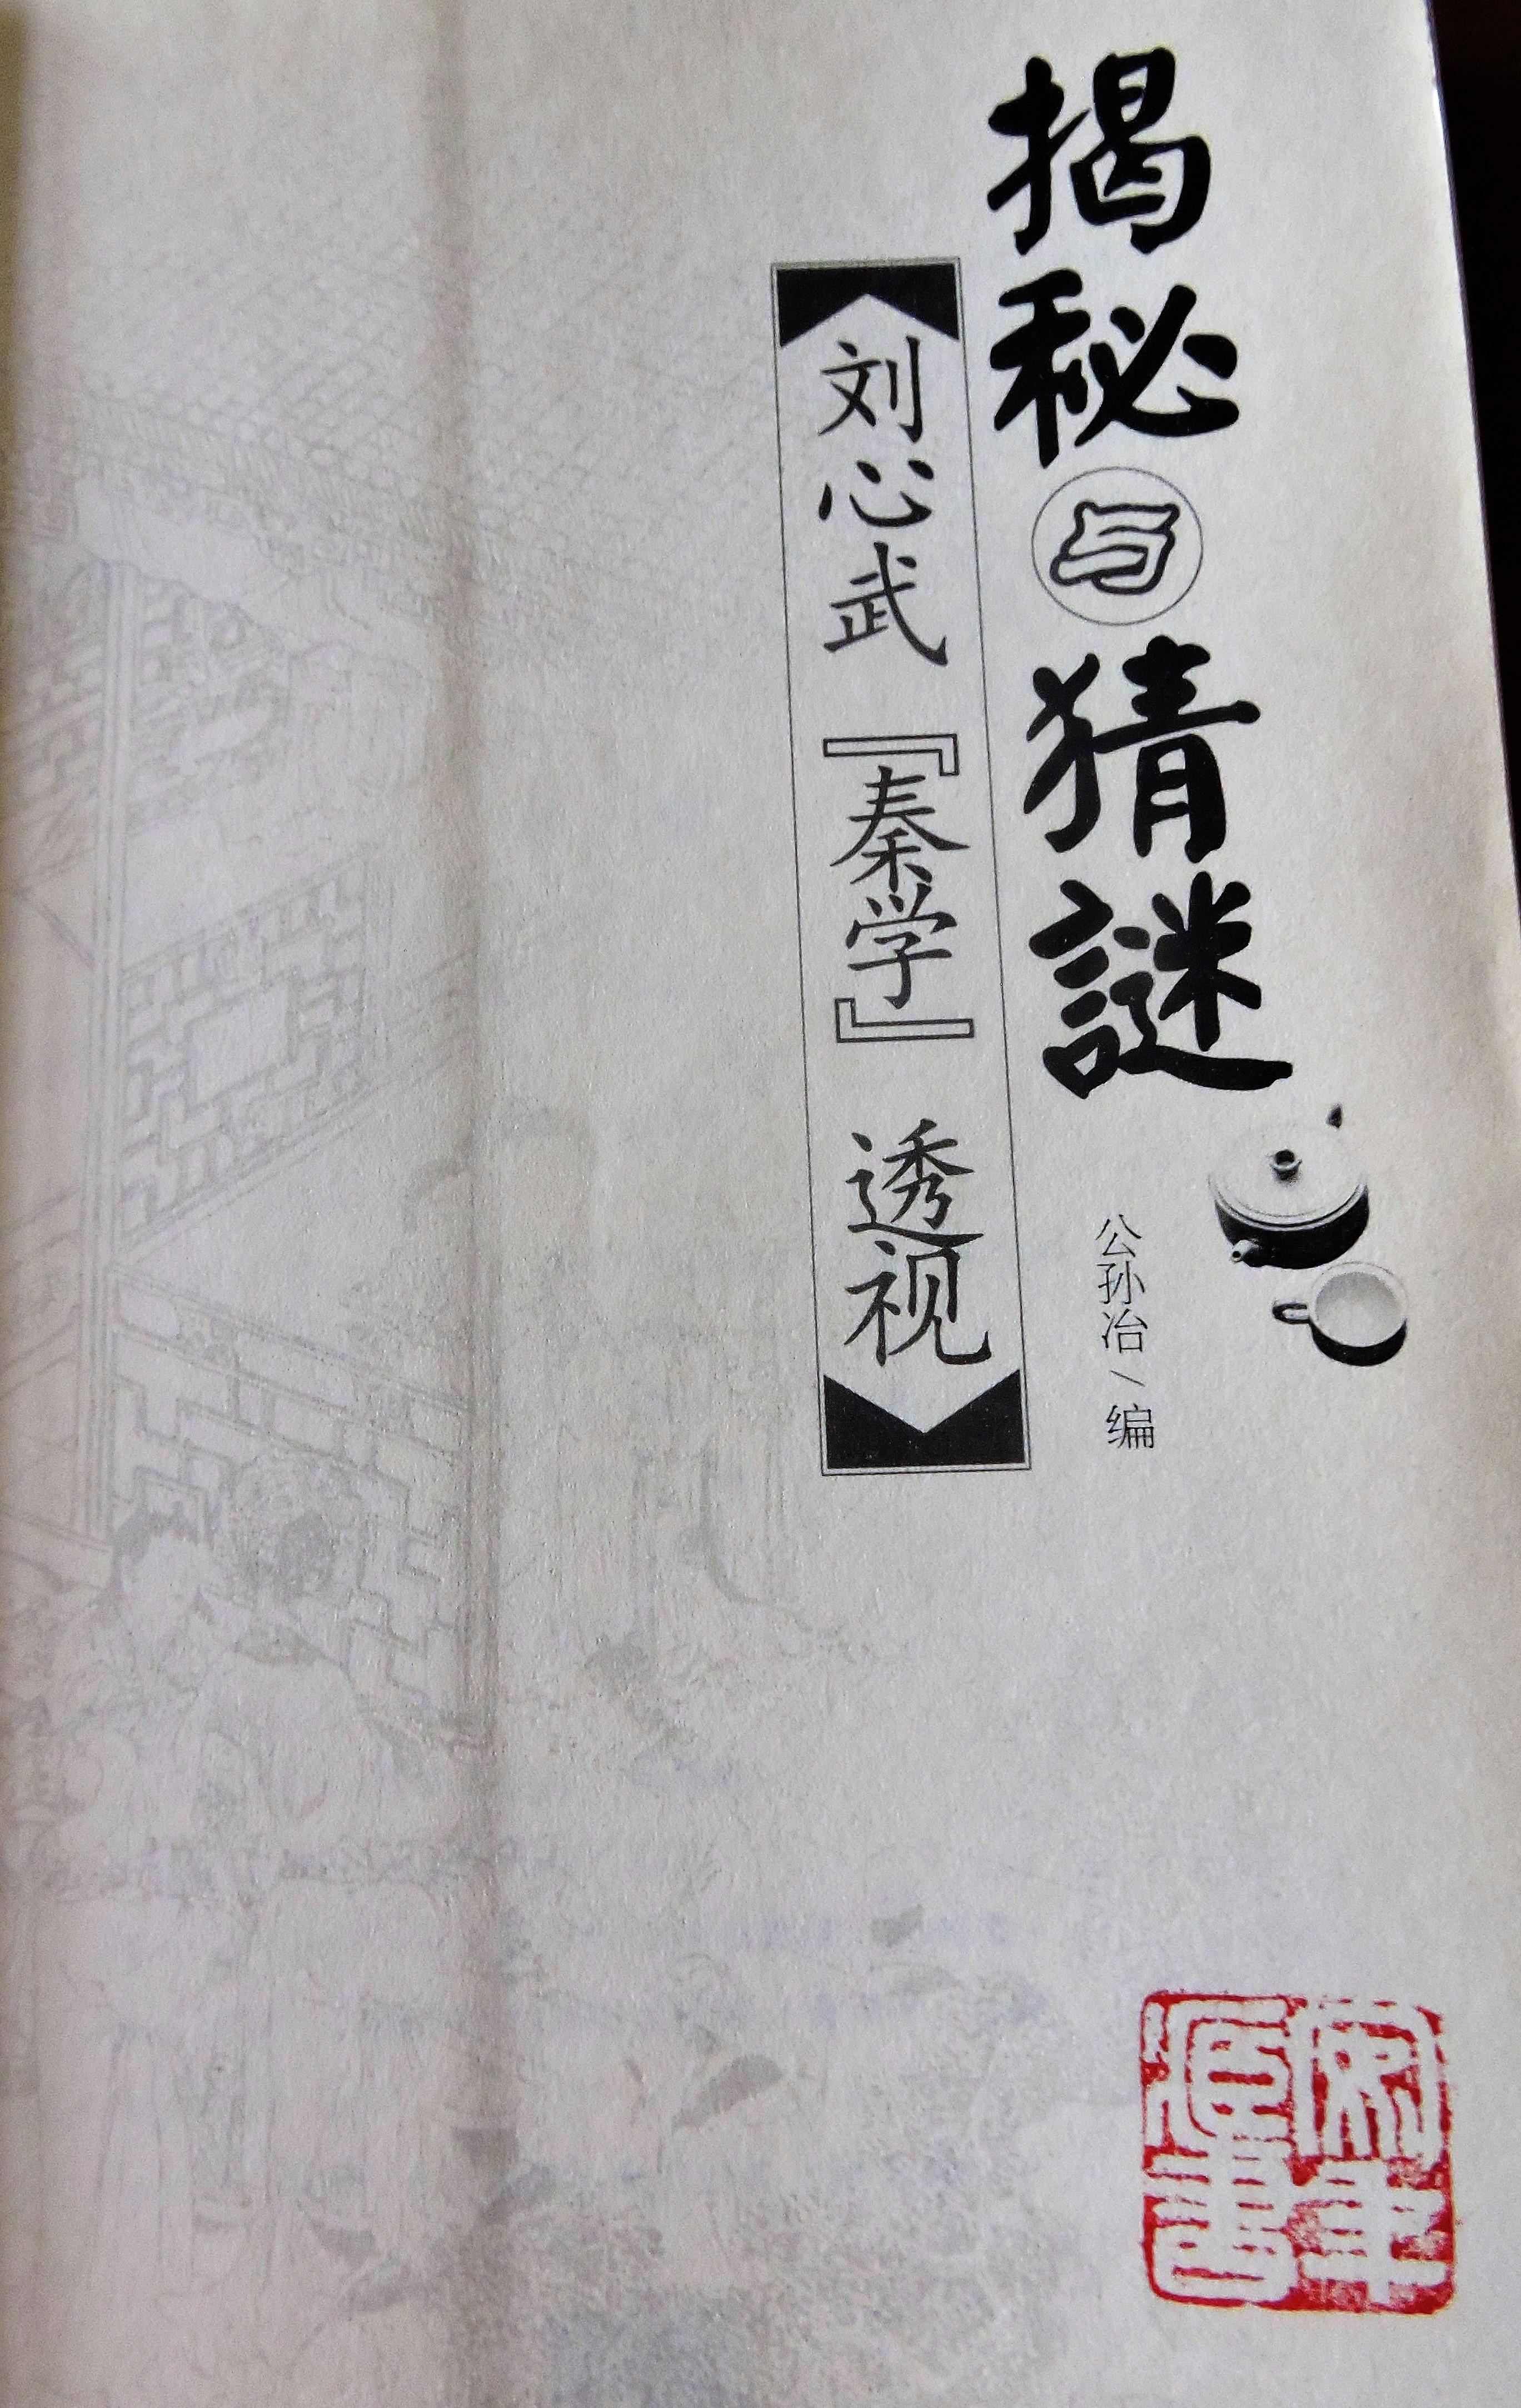 4 DSCN8730.jpg